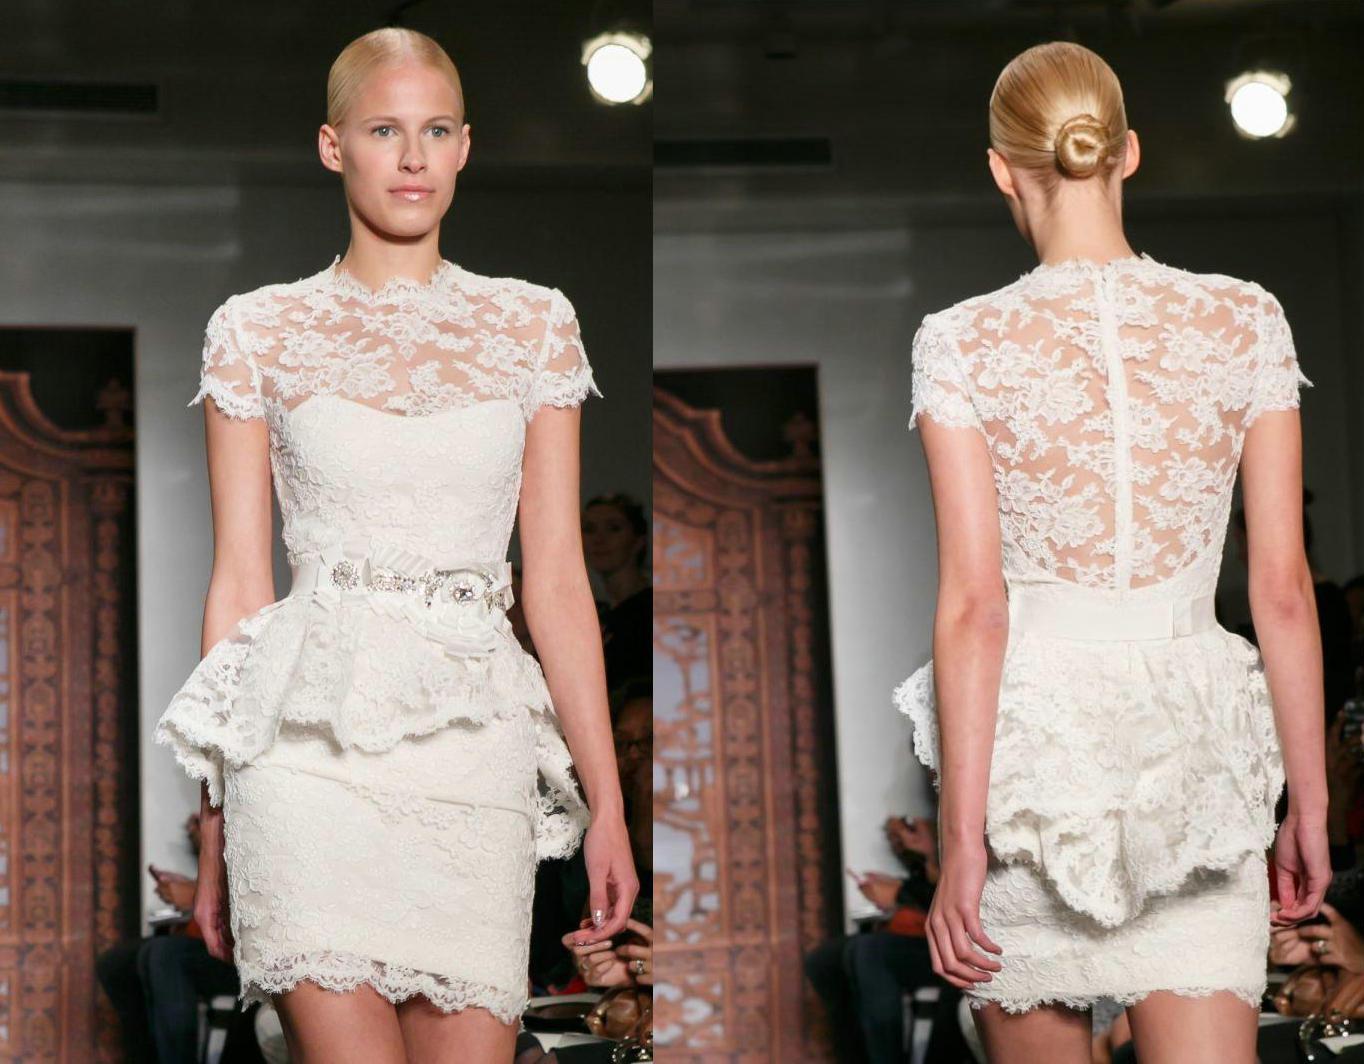 Cheap Wedding Dresses Lace: Cheap Lace Short Sleeve Peplum Wedding Dress 2014 Sheer